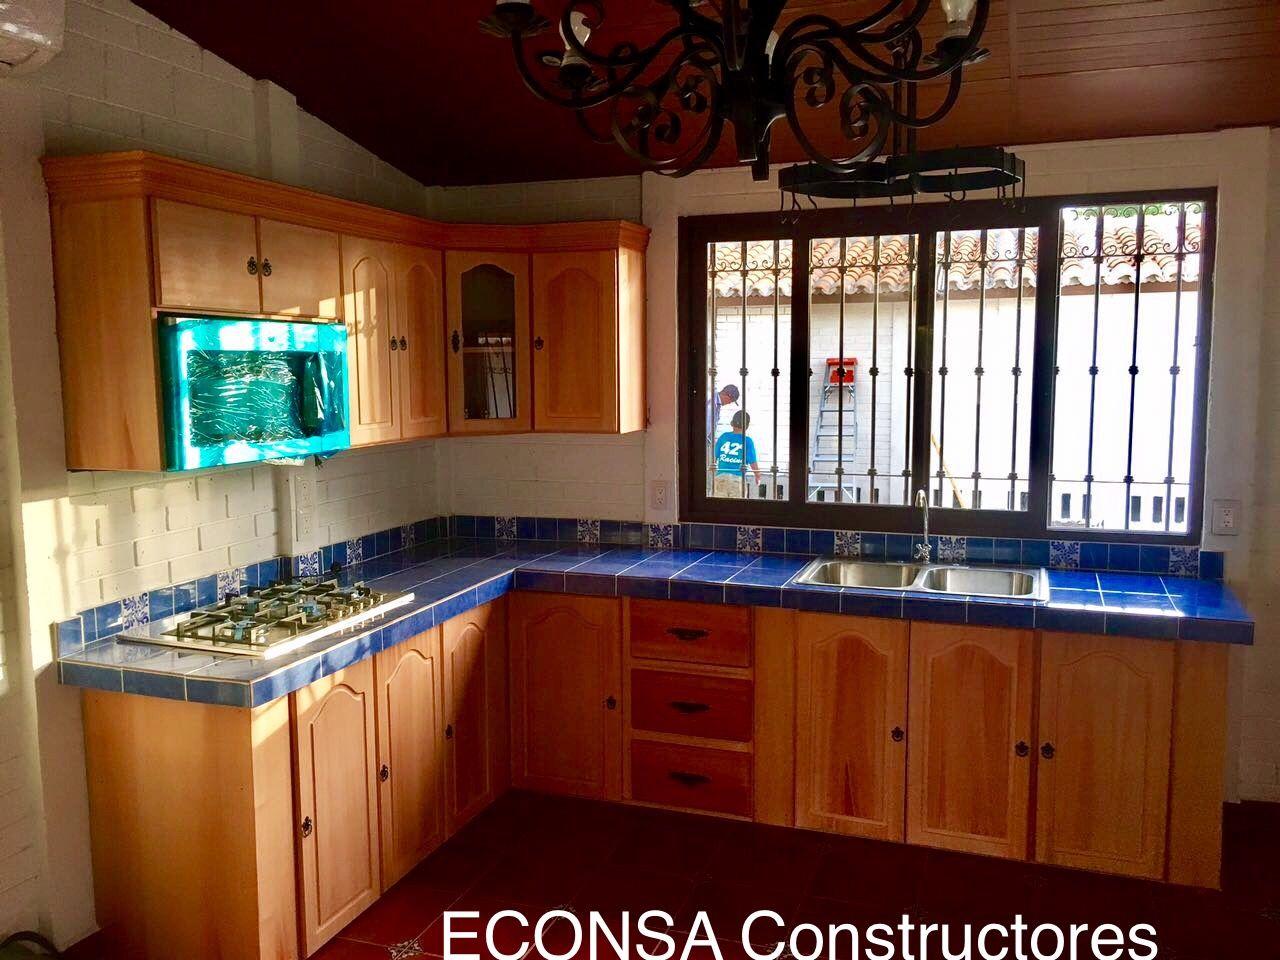 Cocina r stica azul madera concreto y talavera cocinas pinterest cocinas r sticas - Casas rurales cerca de talavera ...